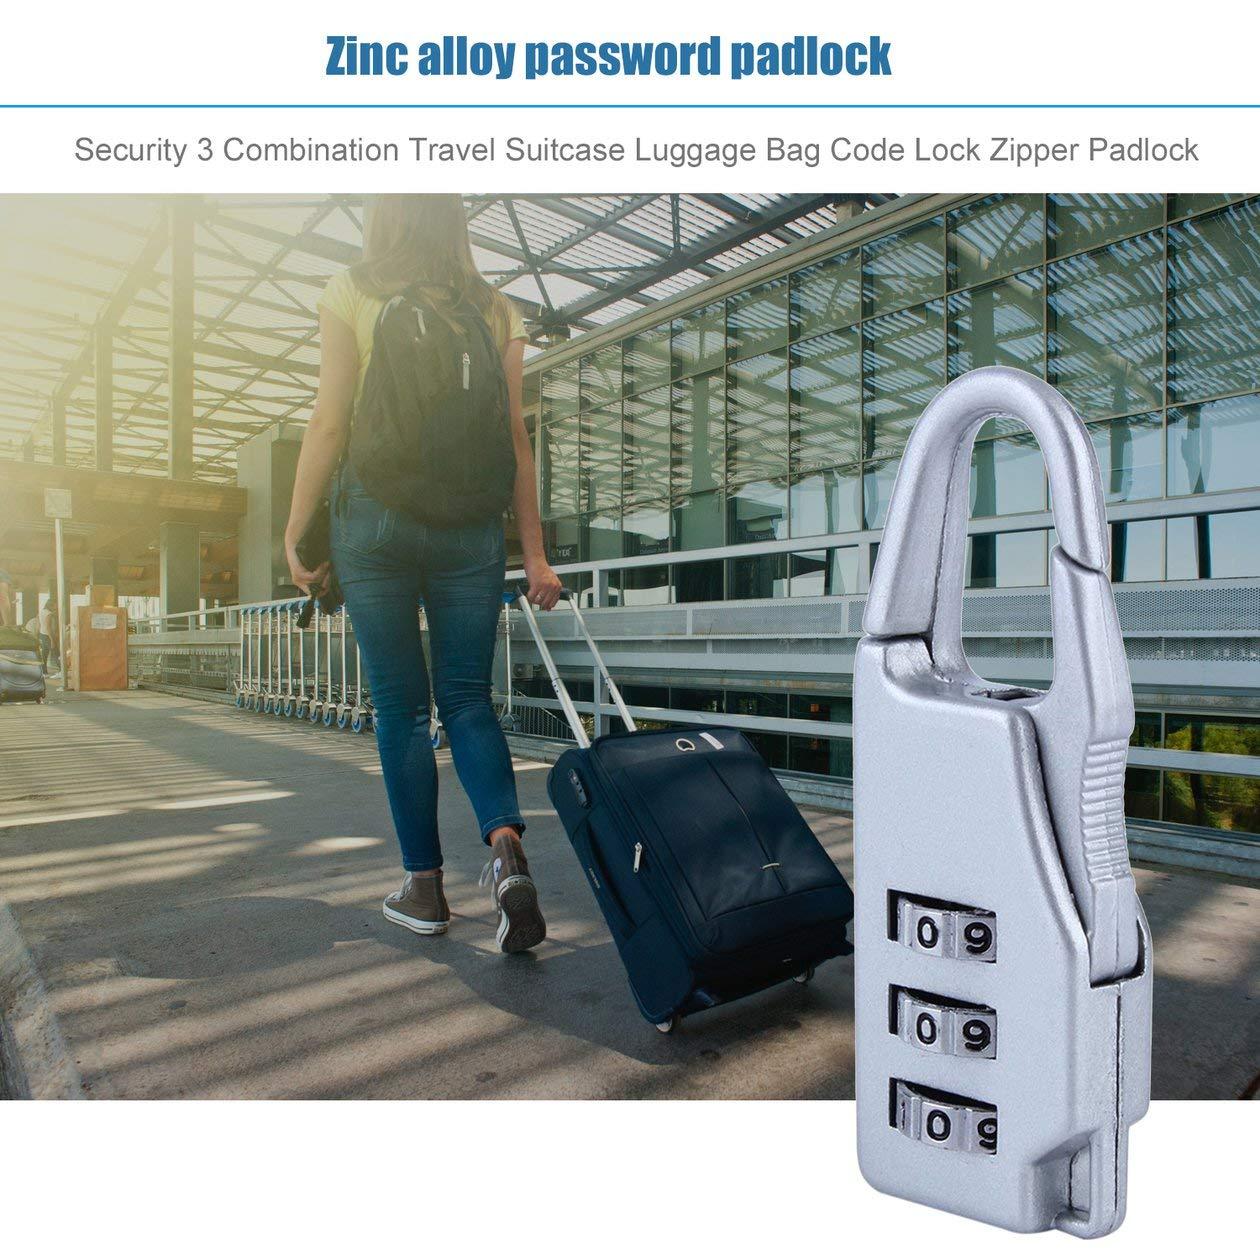 BIYI 1 pc New Security 3 Combinaison de voyage en alliage de zinc Valise Sac /à bagages Bo/îtes /à bijoux Coffres /à outils Verrouillage du code Fermeture /à glissi/ère Cadenas Bleu